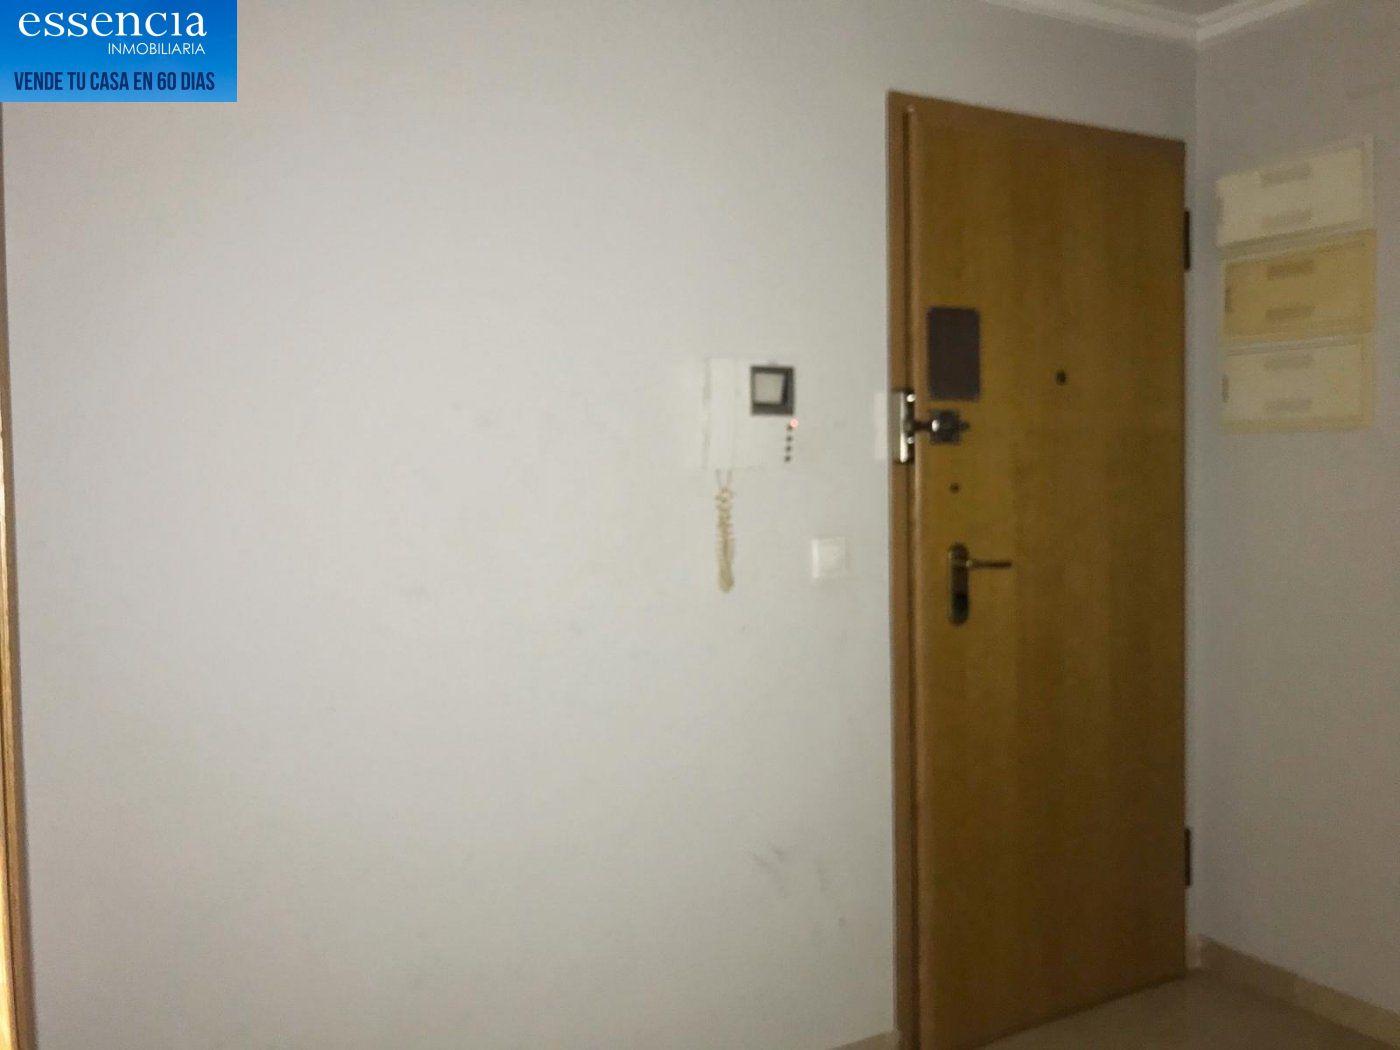 Apartamento de 2 dormitorios y 2 baños con salón con balcón. - imagenInmueble12